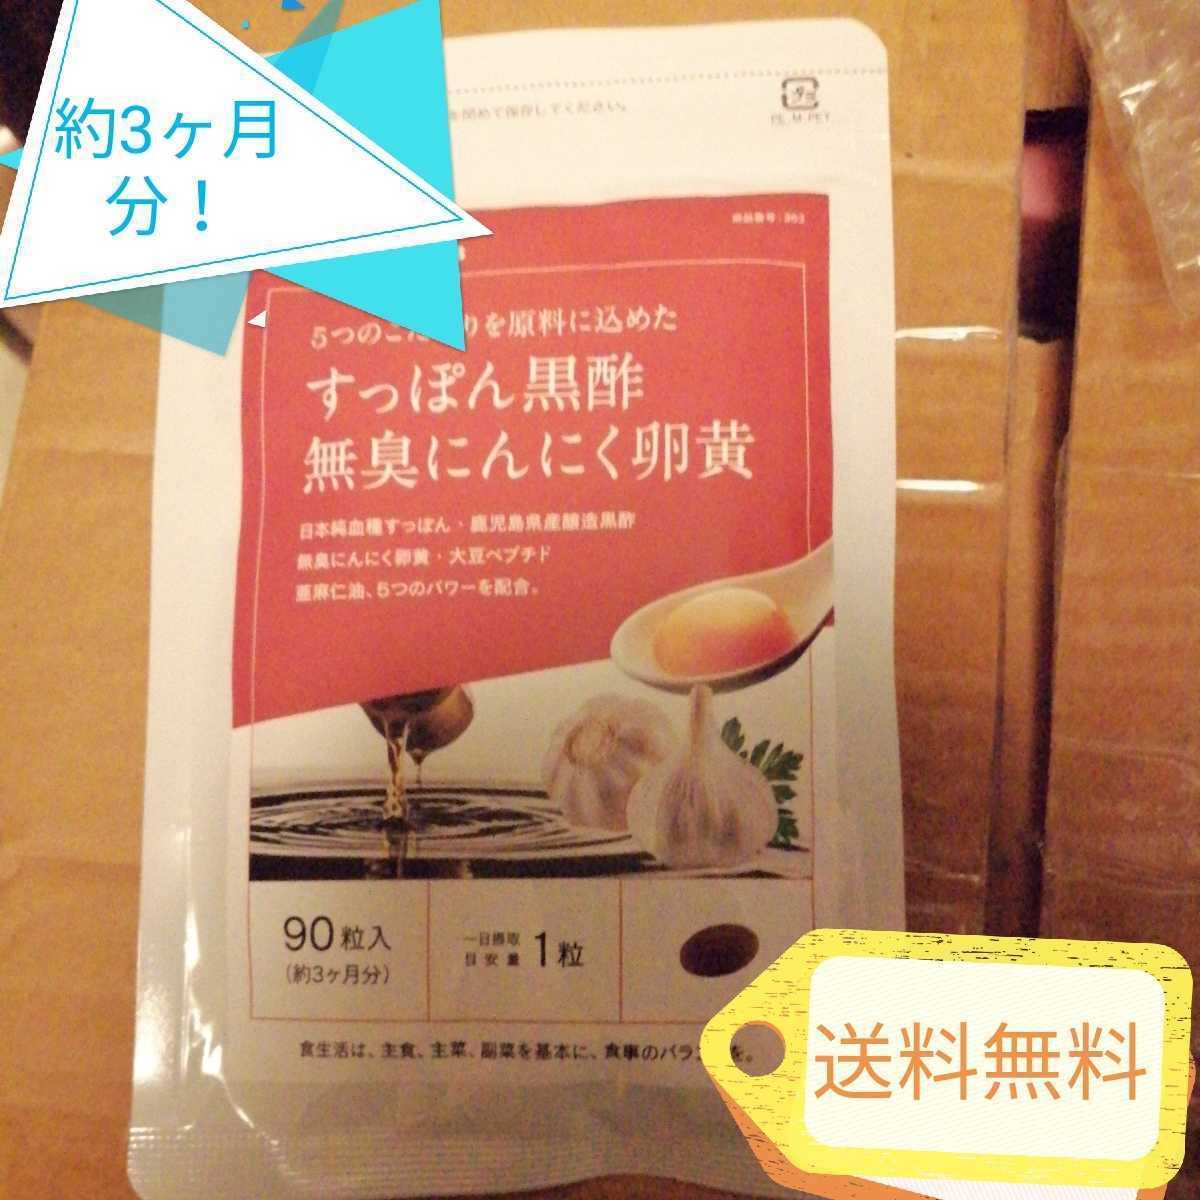 送料無料【3ヶ月分】サプリ サプリメント すっぽん黒酢+にんにく卵黄 約3ヵ月分 アミノ酸 無臭にんにく 送料無料 ダイエット  _画像1